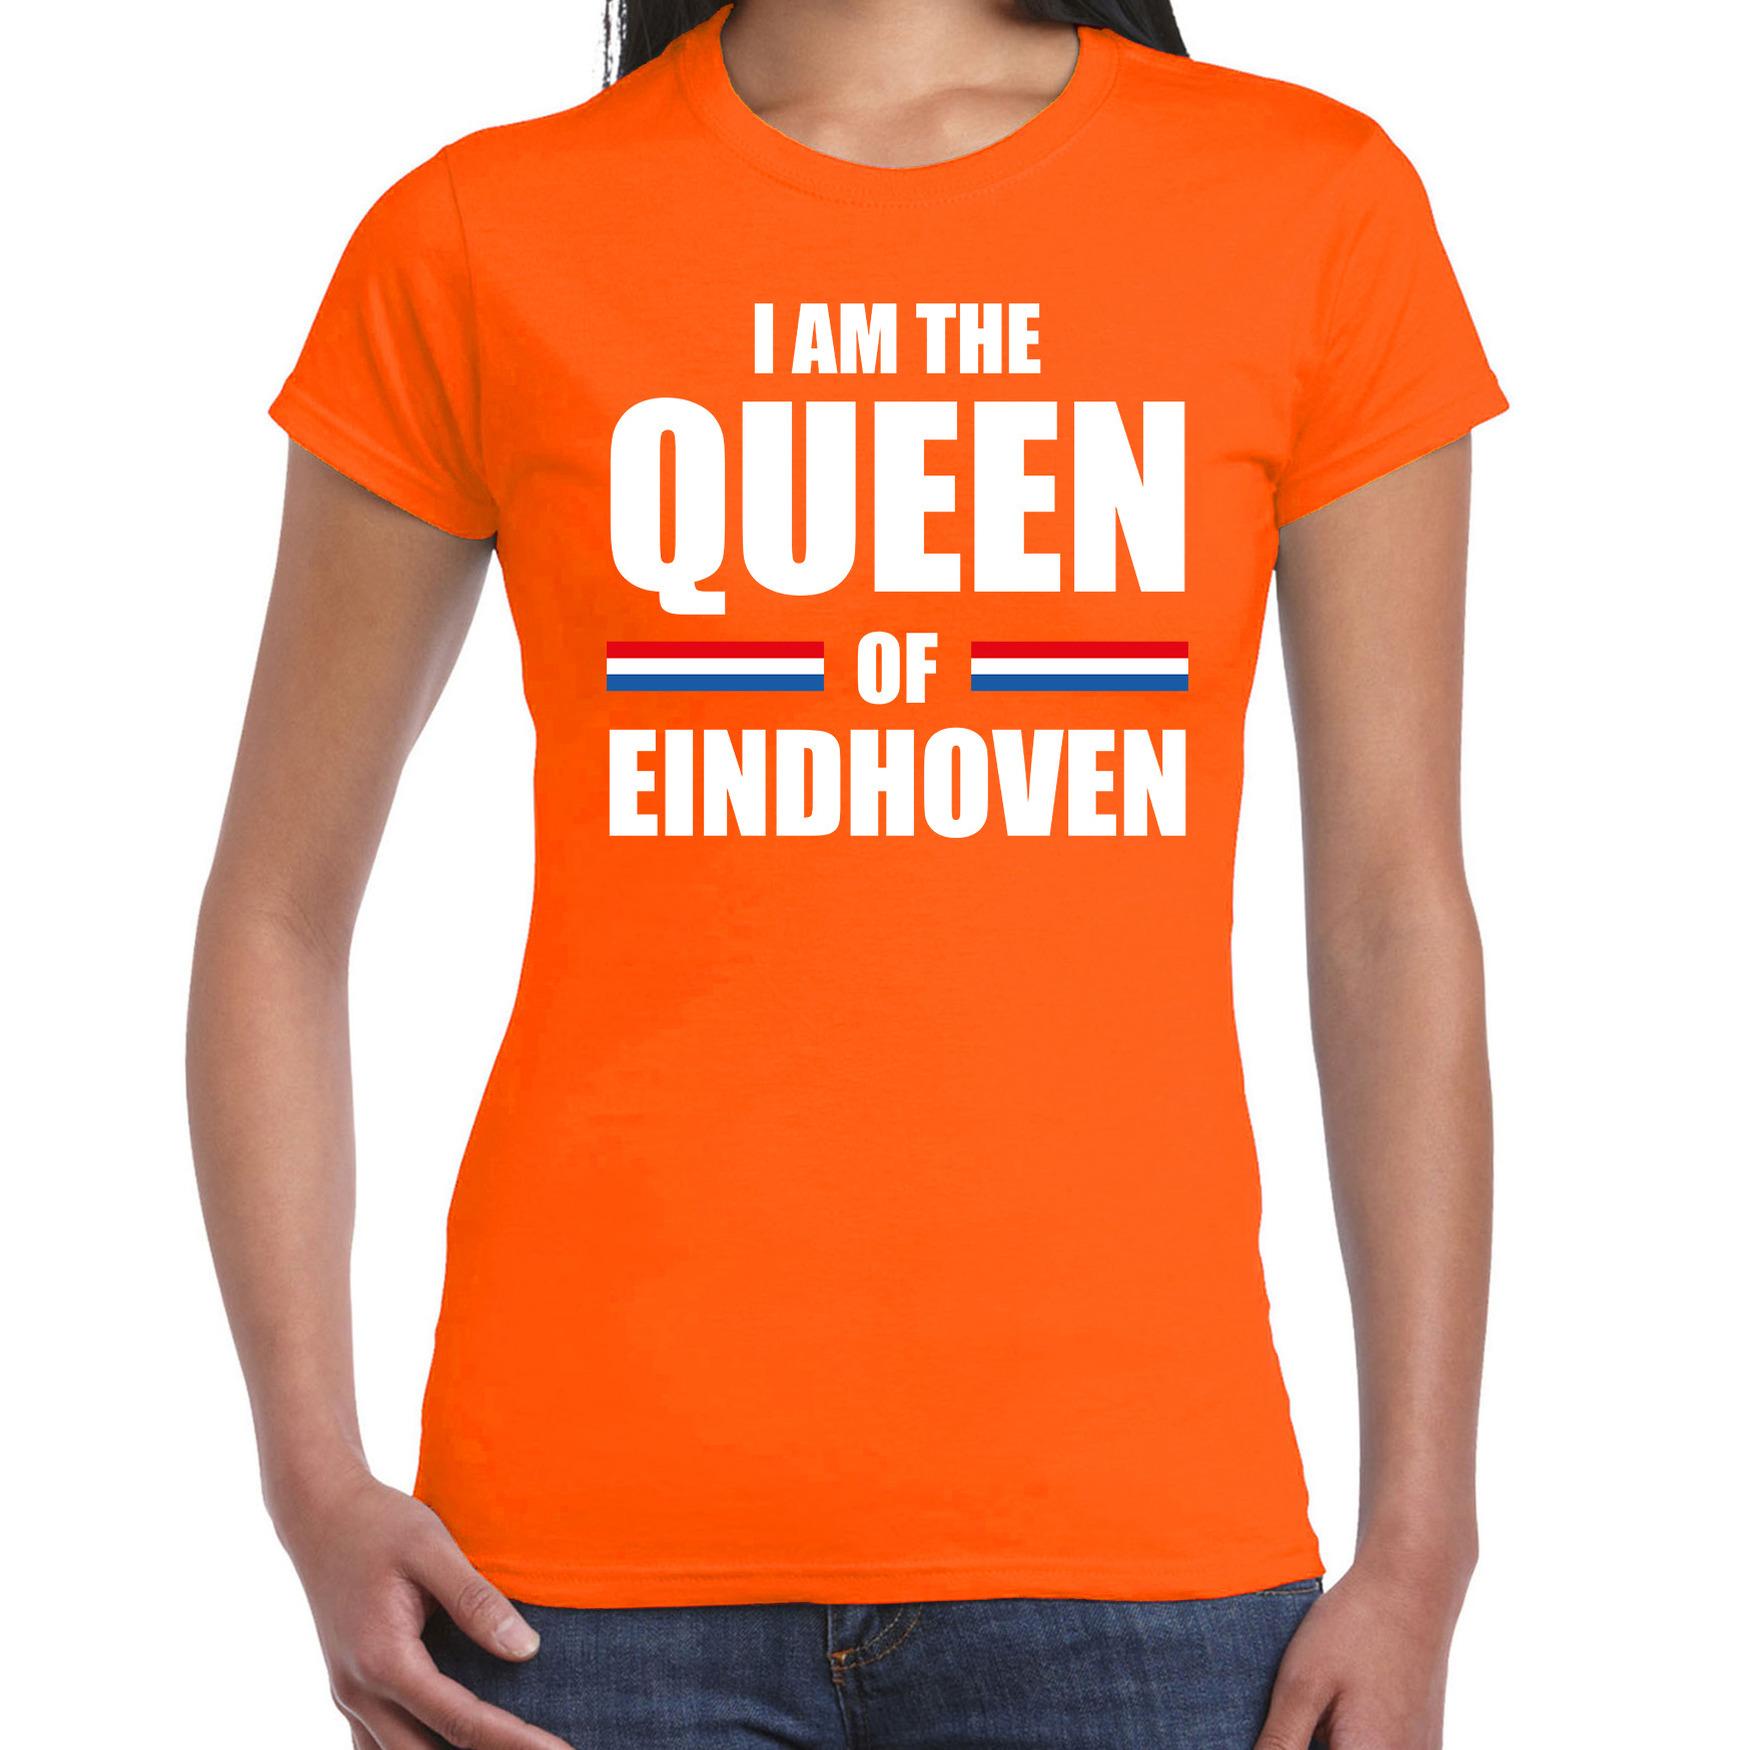 Koningsdag t-shirt I am the Queen of Eindhoven oranje voor dames